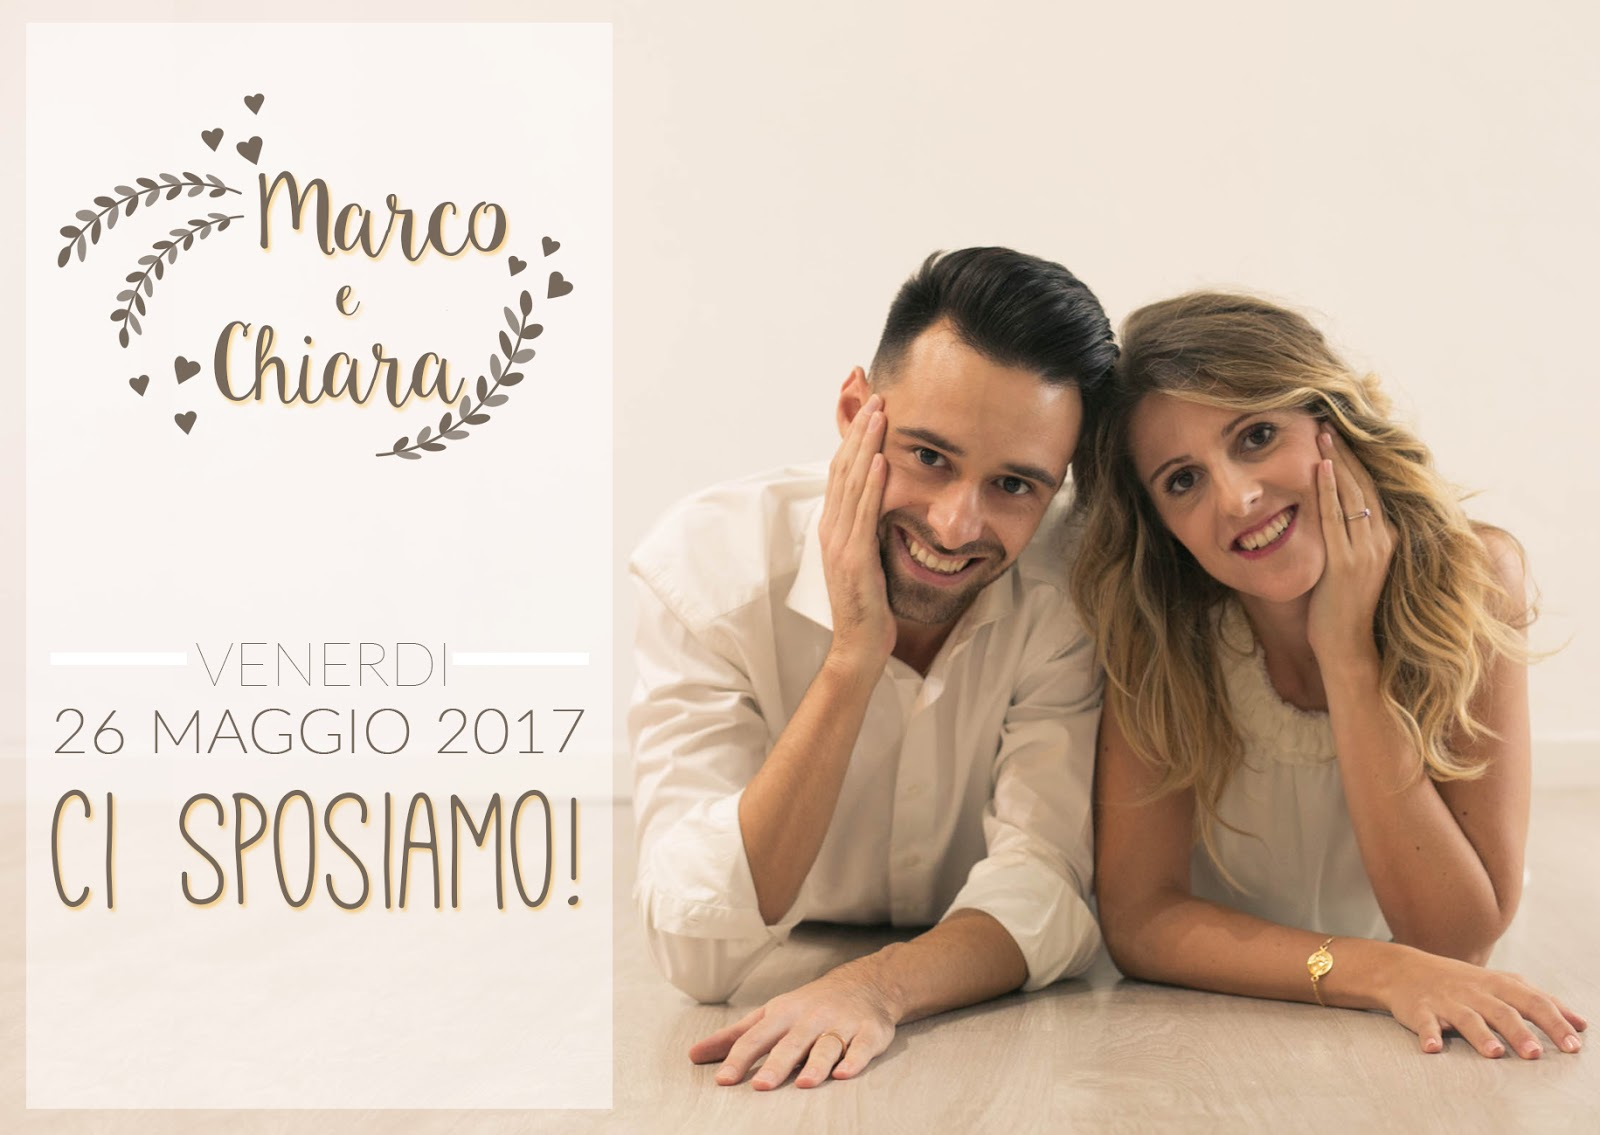 http://www.sposamioggi.it/servizi/graphic-design/